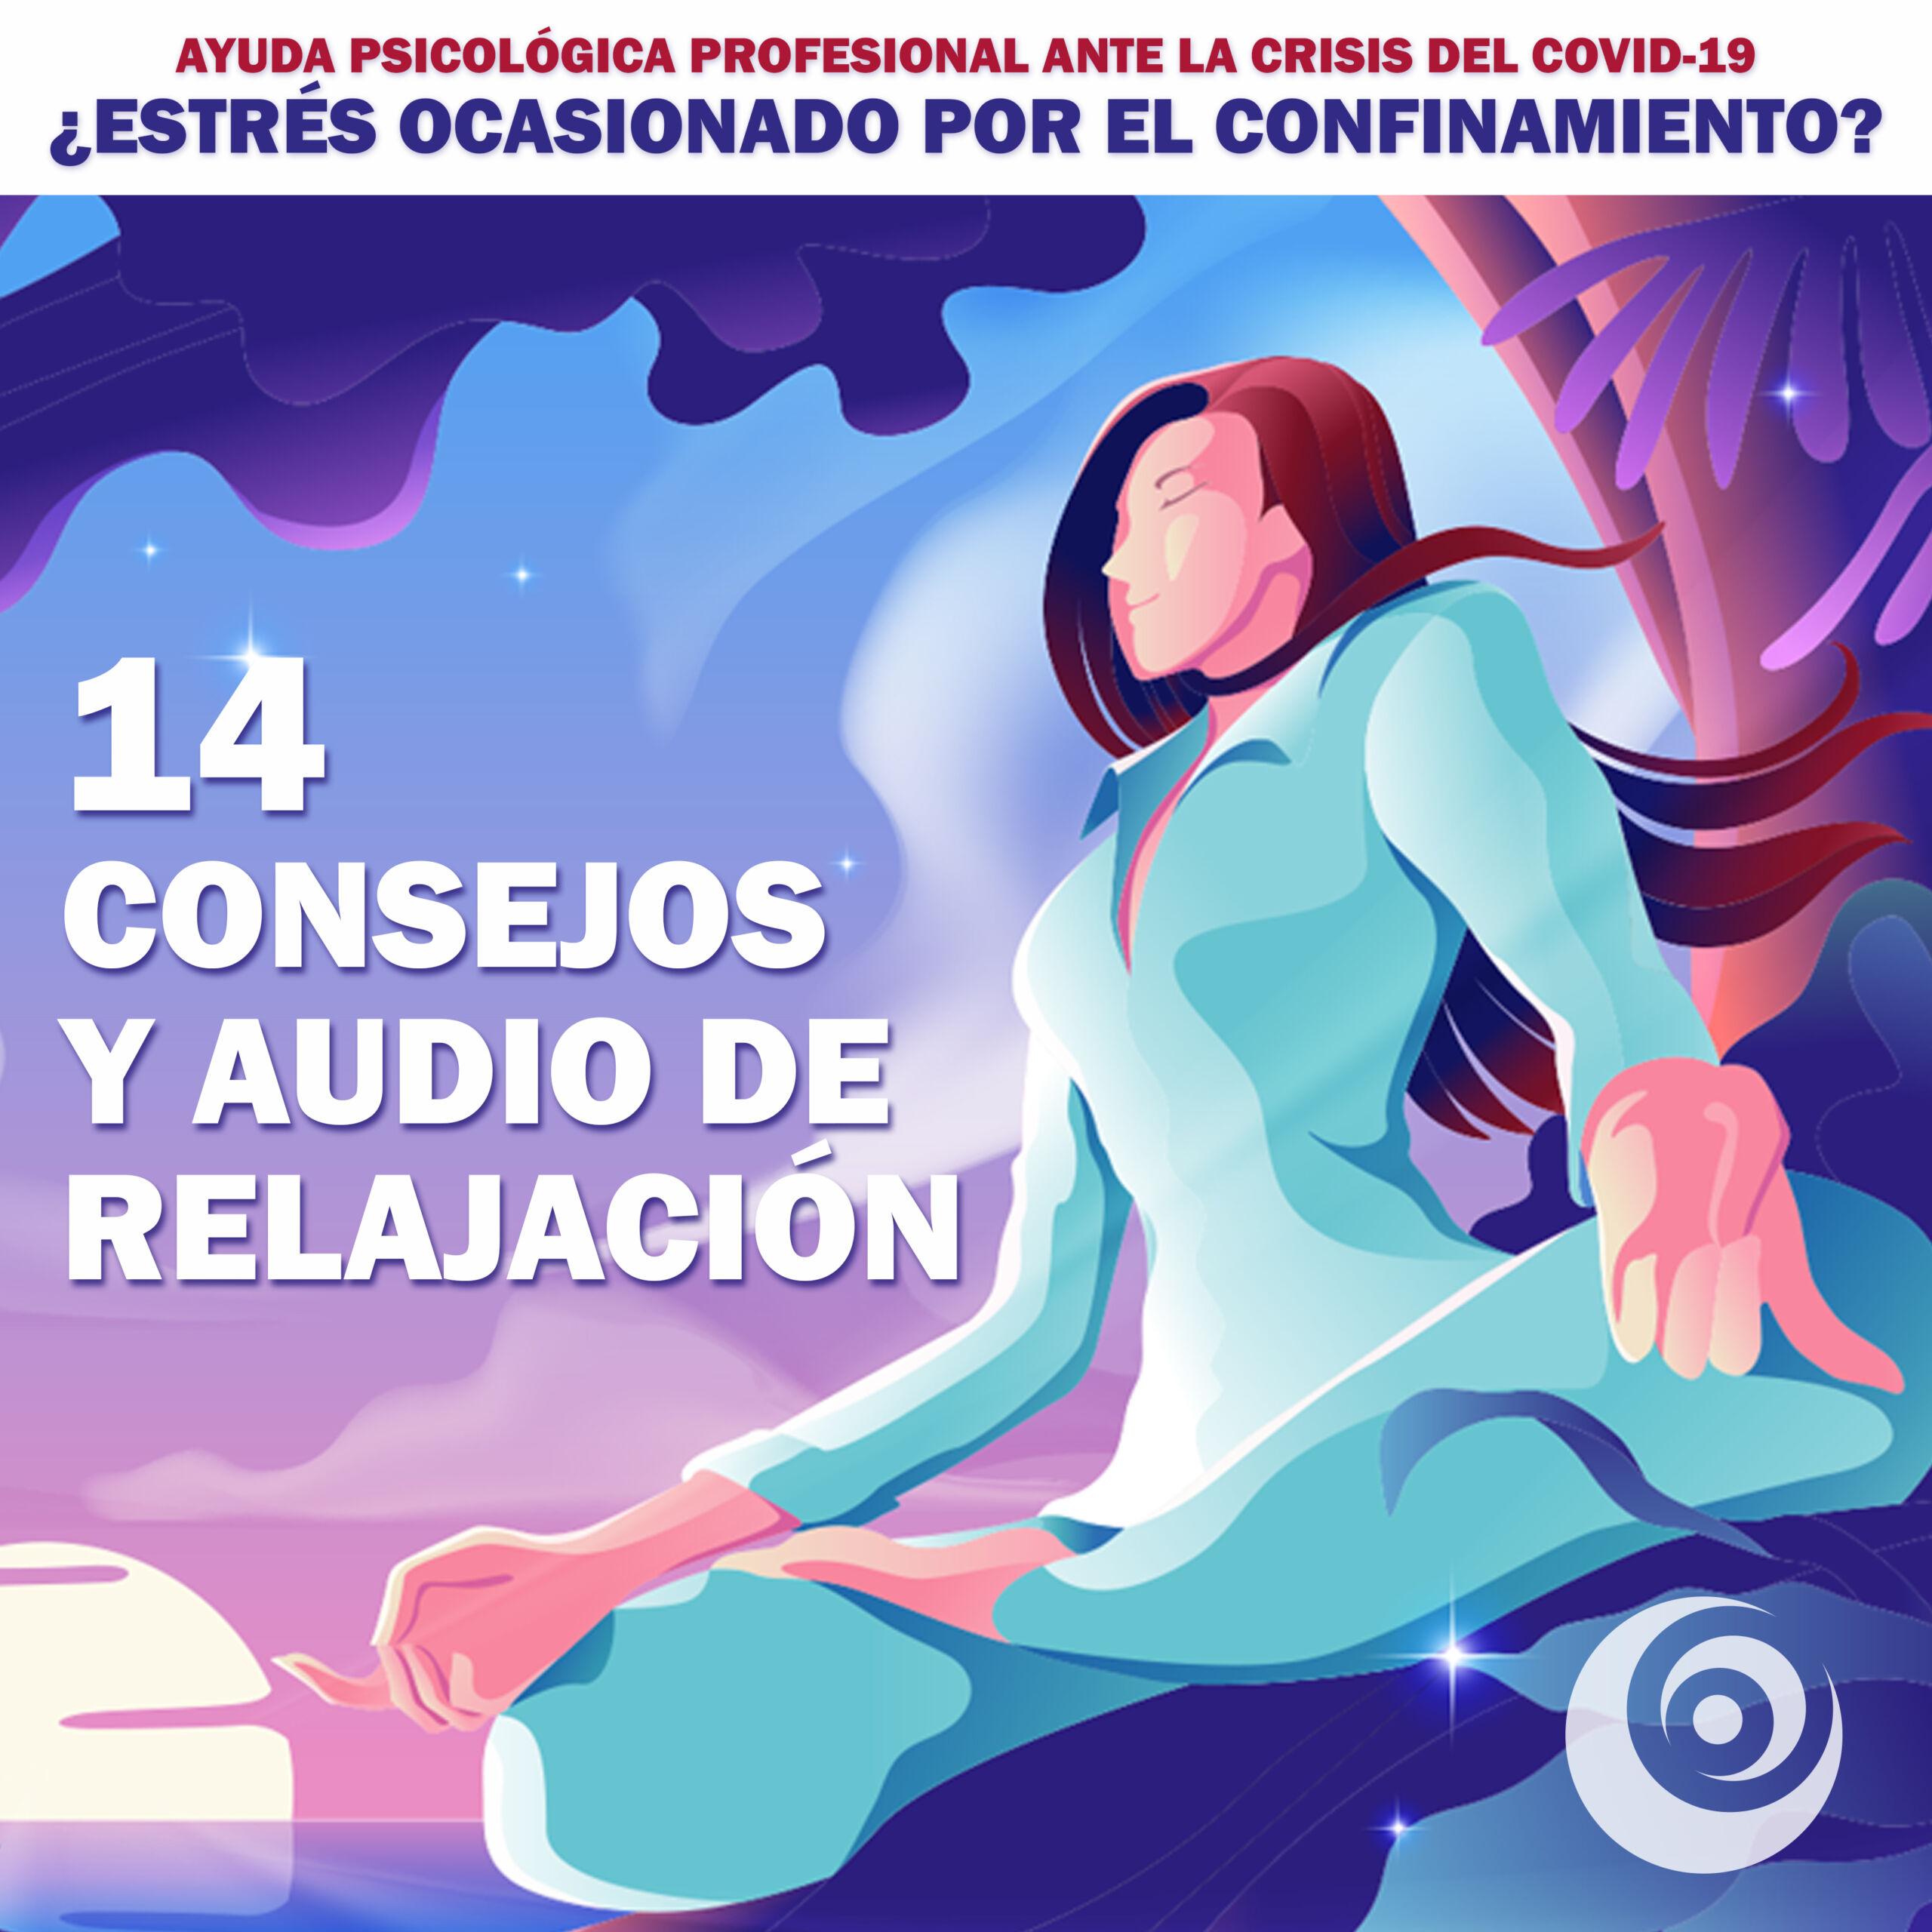 14 CONSEJOS ANTE CONFINAMIENTO COVID 19 CORONAVIRUS